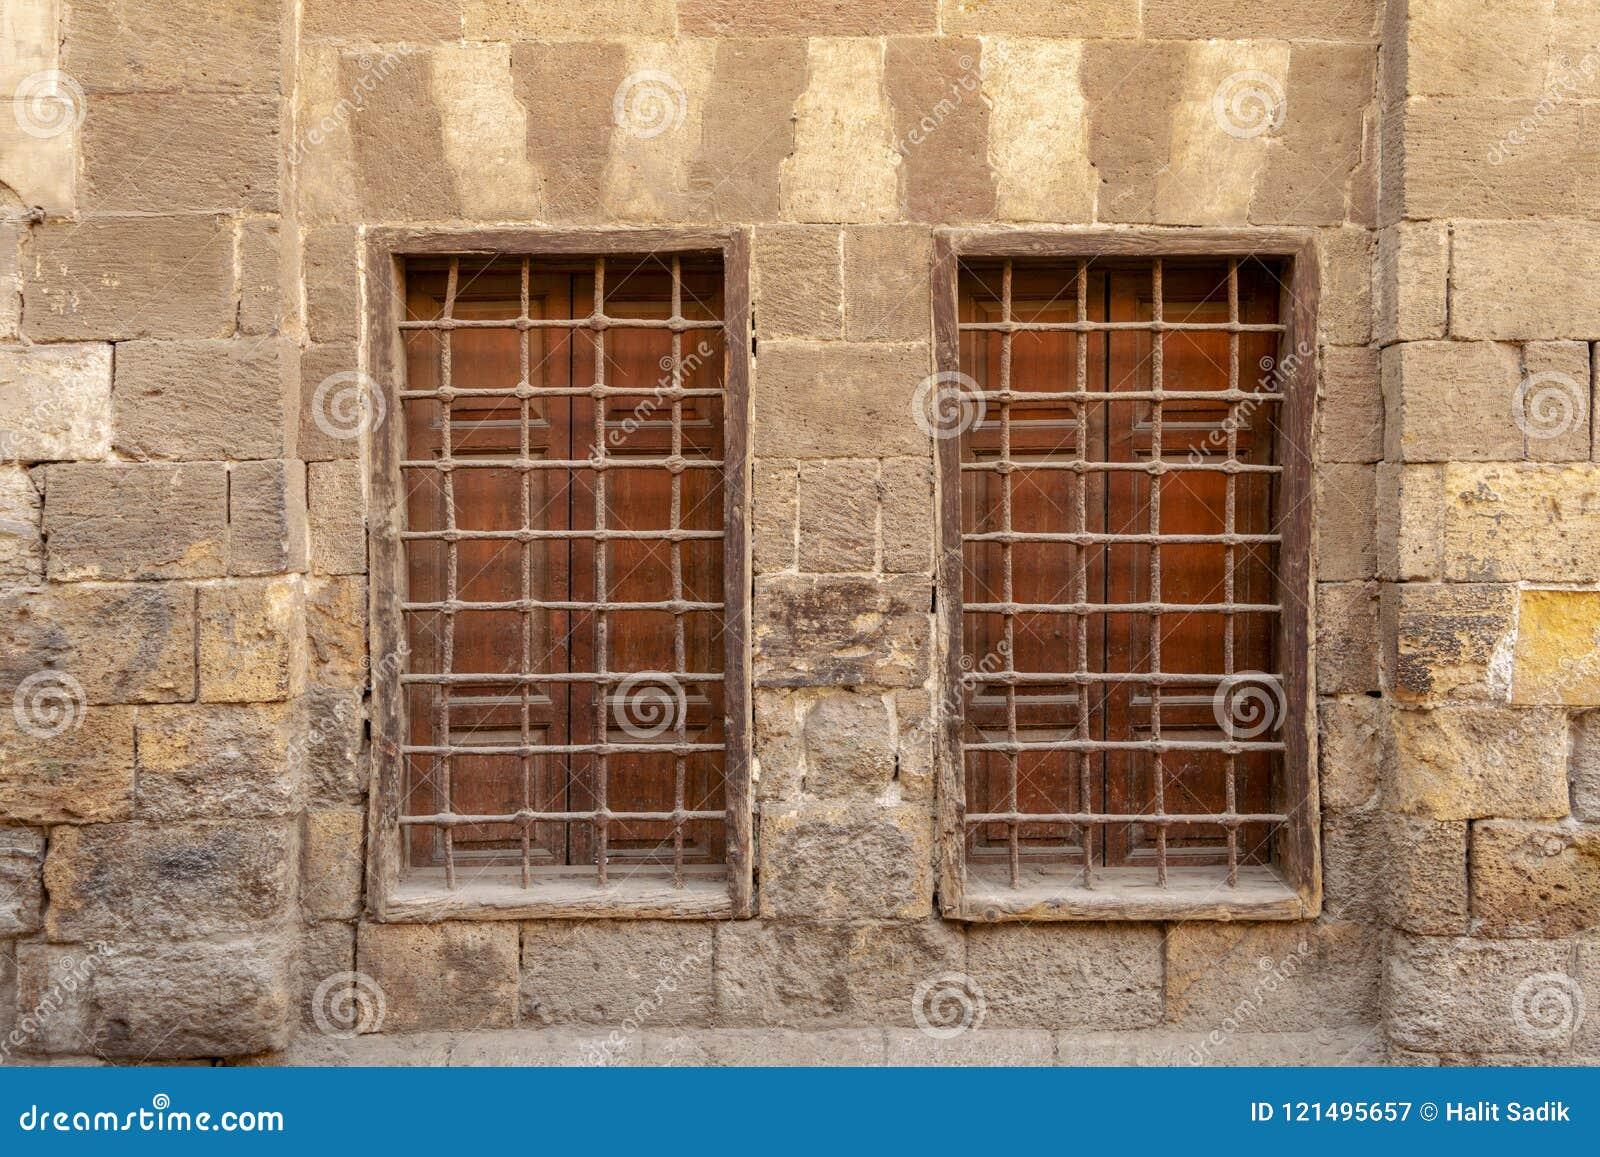 Dwa graniczącego drewnianego okno z żelazną siatką nad dekorującą kamienną cegły ścianą, Średniowieczny Kair, Egipt